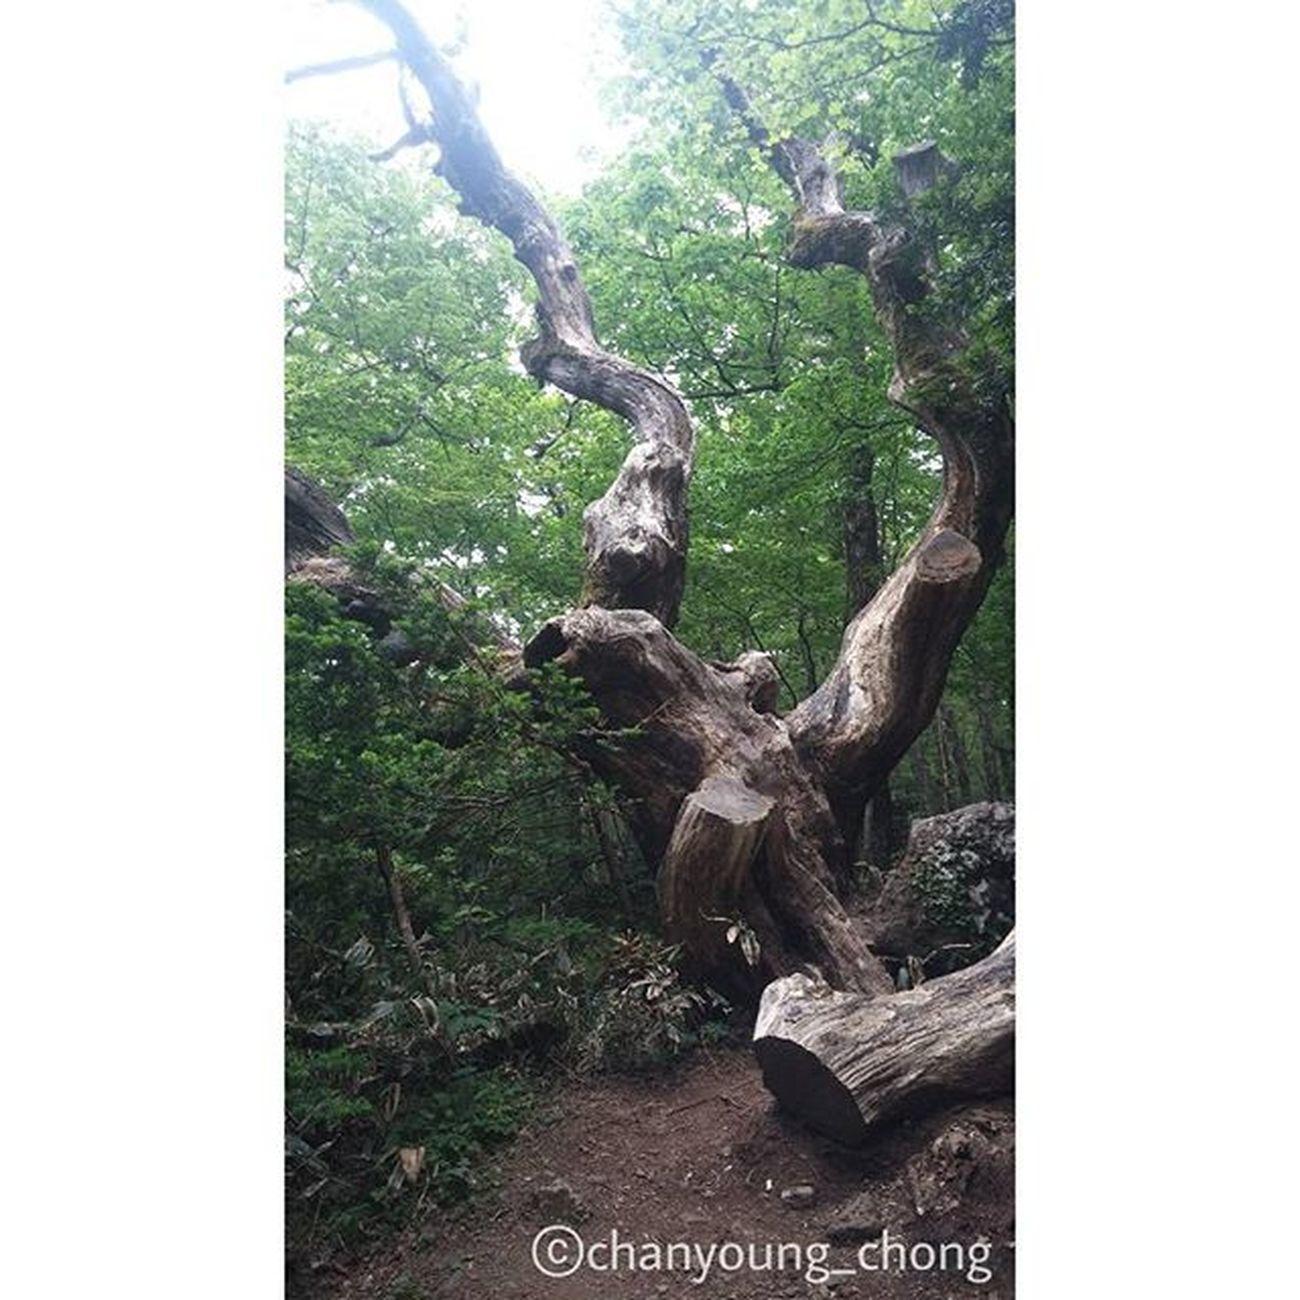 개인적으로 좋아하는 사진. 이 사진을 보고있자니 어떠한 느낌을 받는 것 같아서 좋다. 느낌있는 사진이랄까😏 대한민국 제주도 제주 나무 한라산  오름 여행 사진 Korea Jejuisland Jeju Tree Moutain Hanra Orum Travel Travelgram Photo